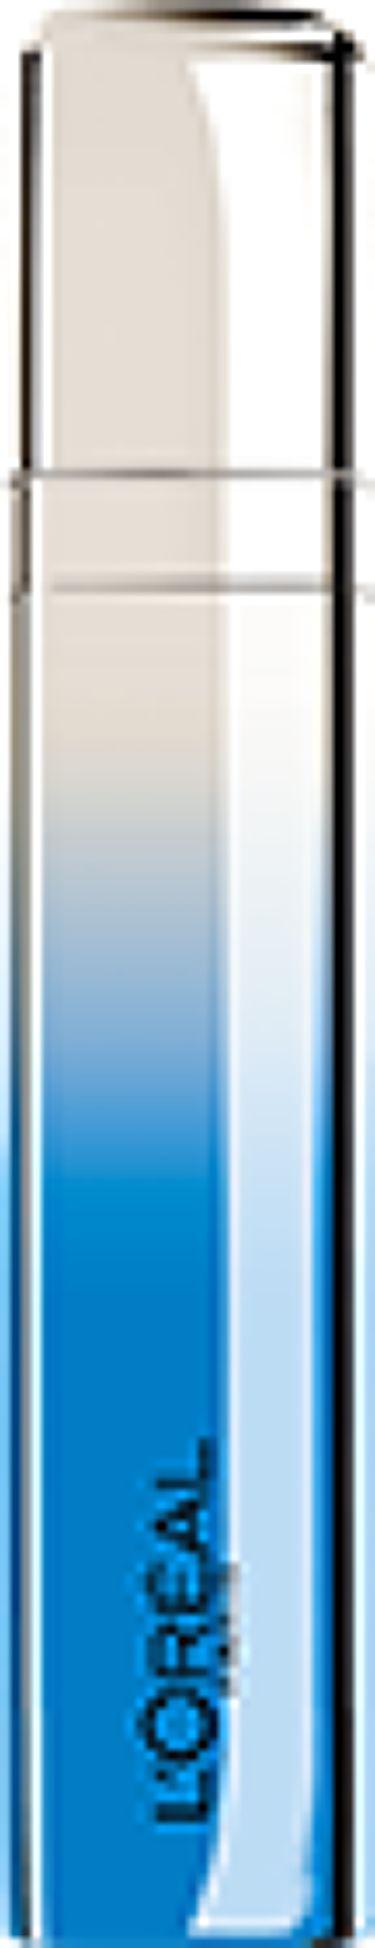 ユイルカレス 809 ブルー